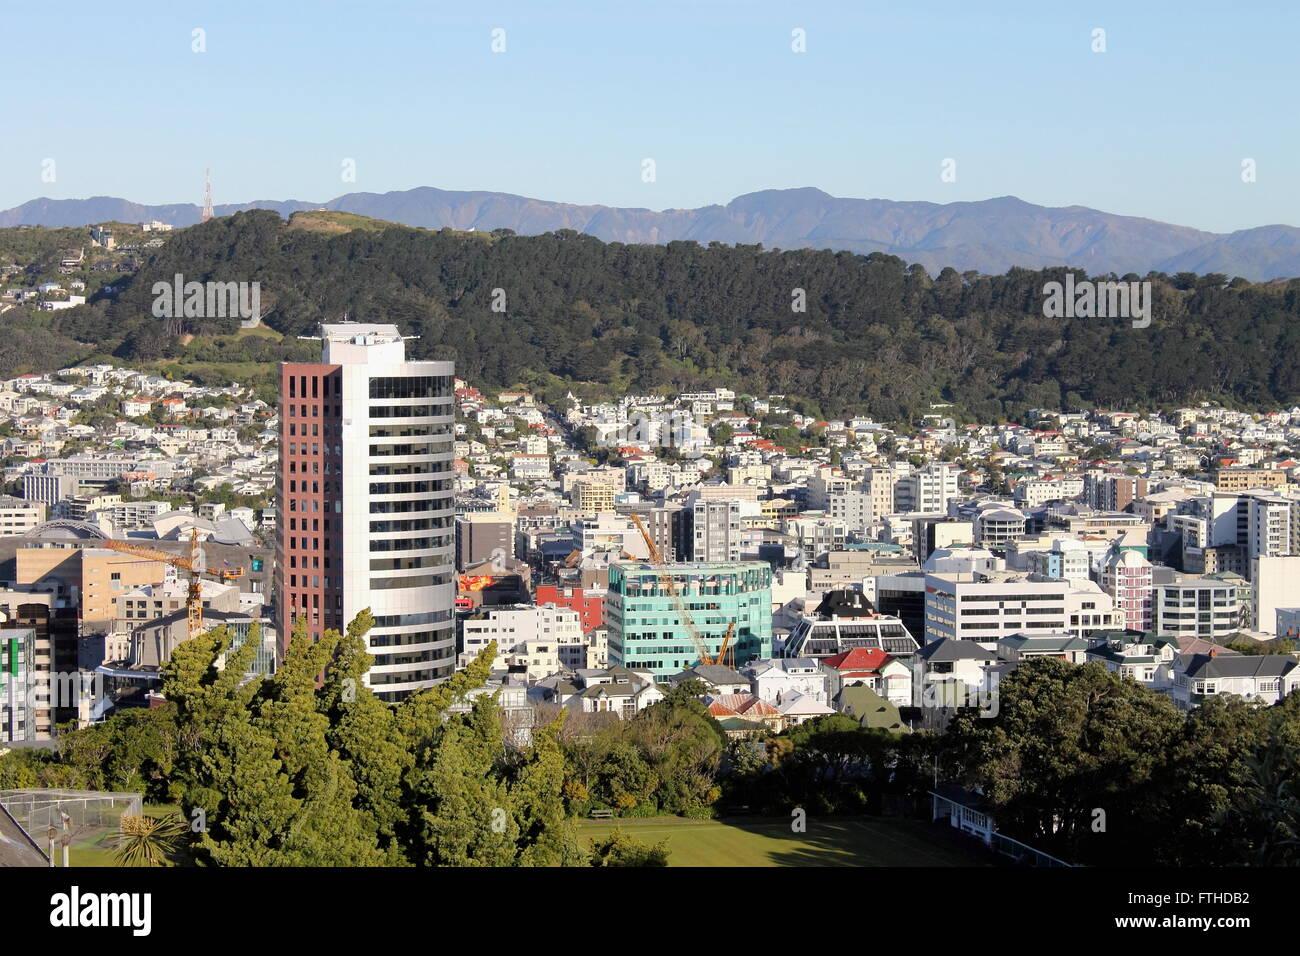 La ciudad de Wellington, Nueva Zelanda Imagen De Stock